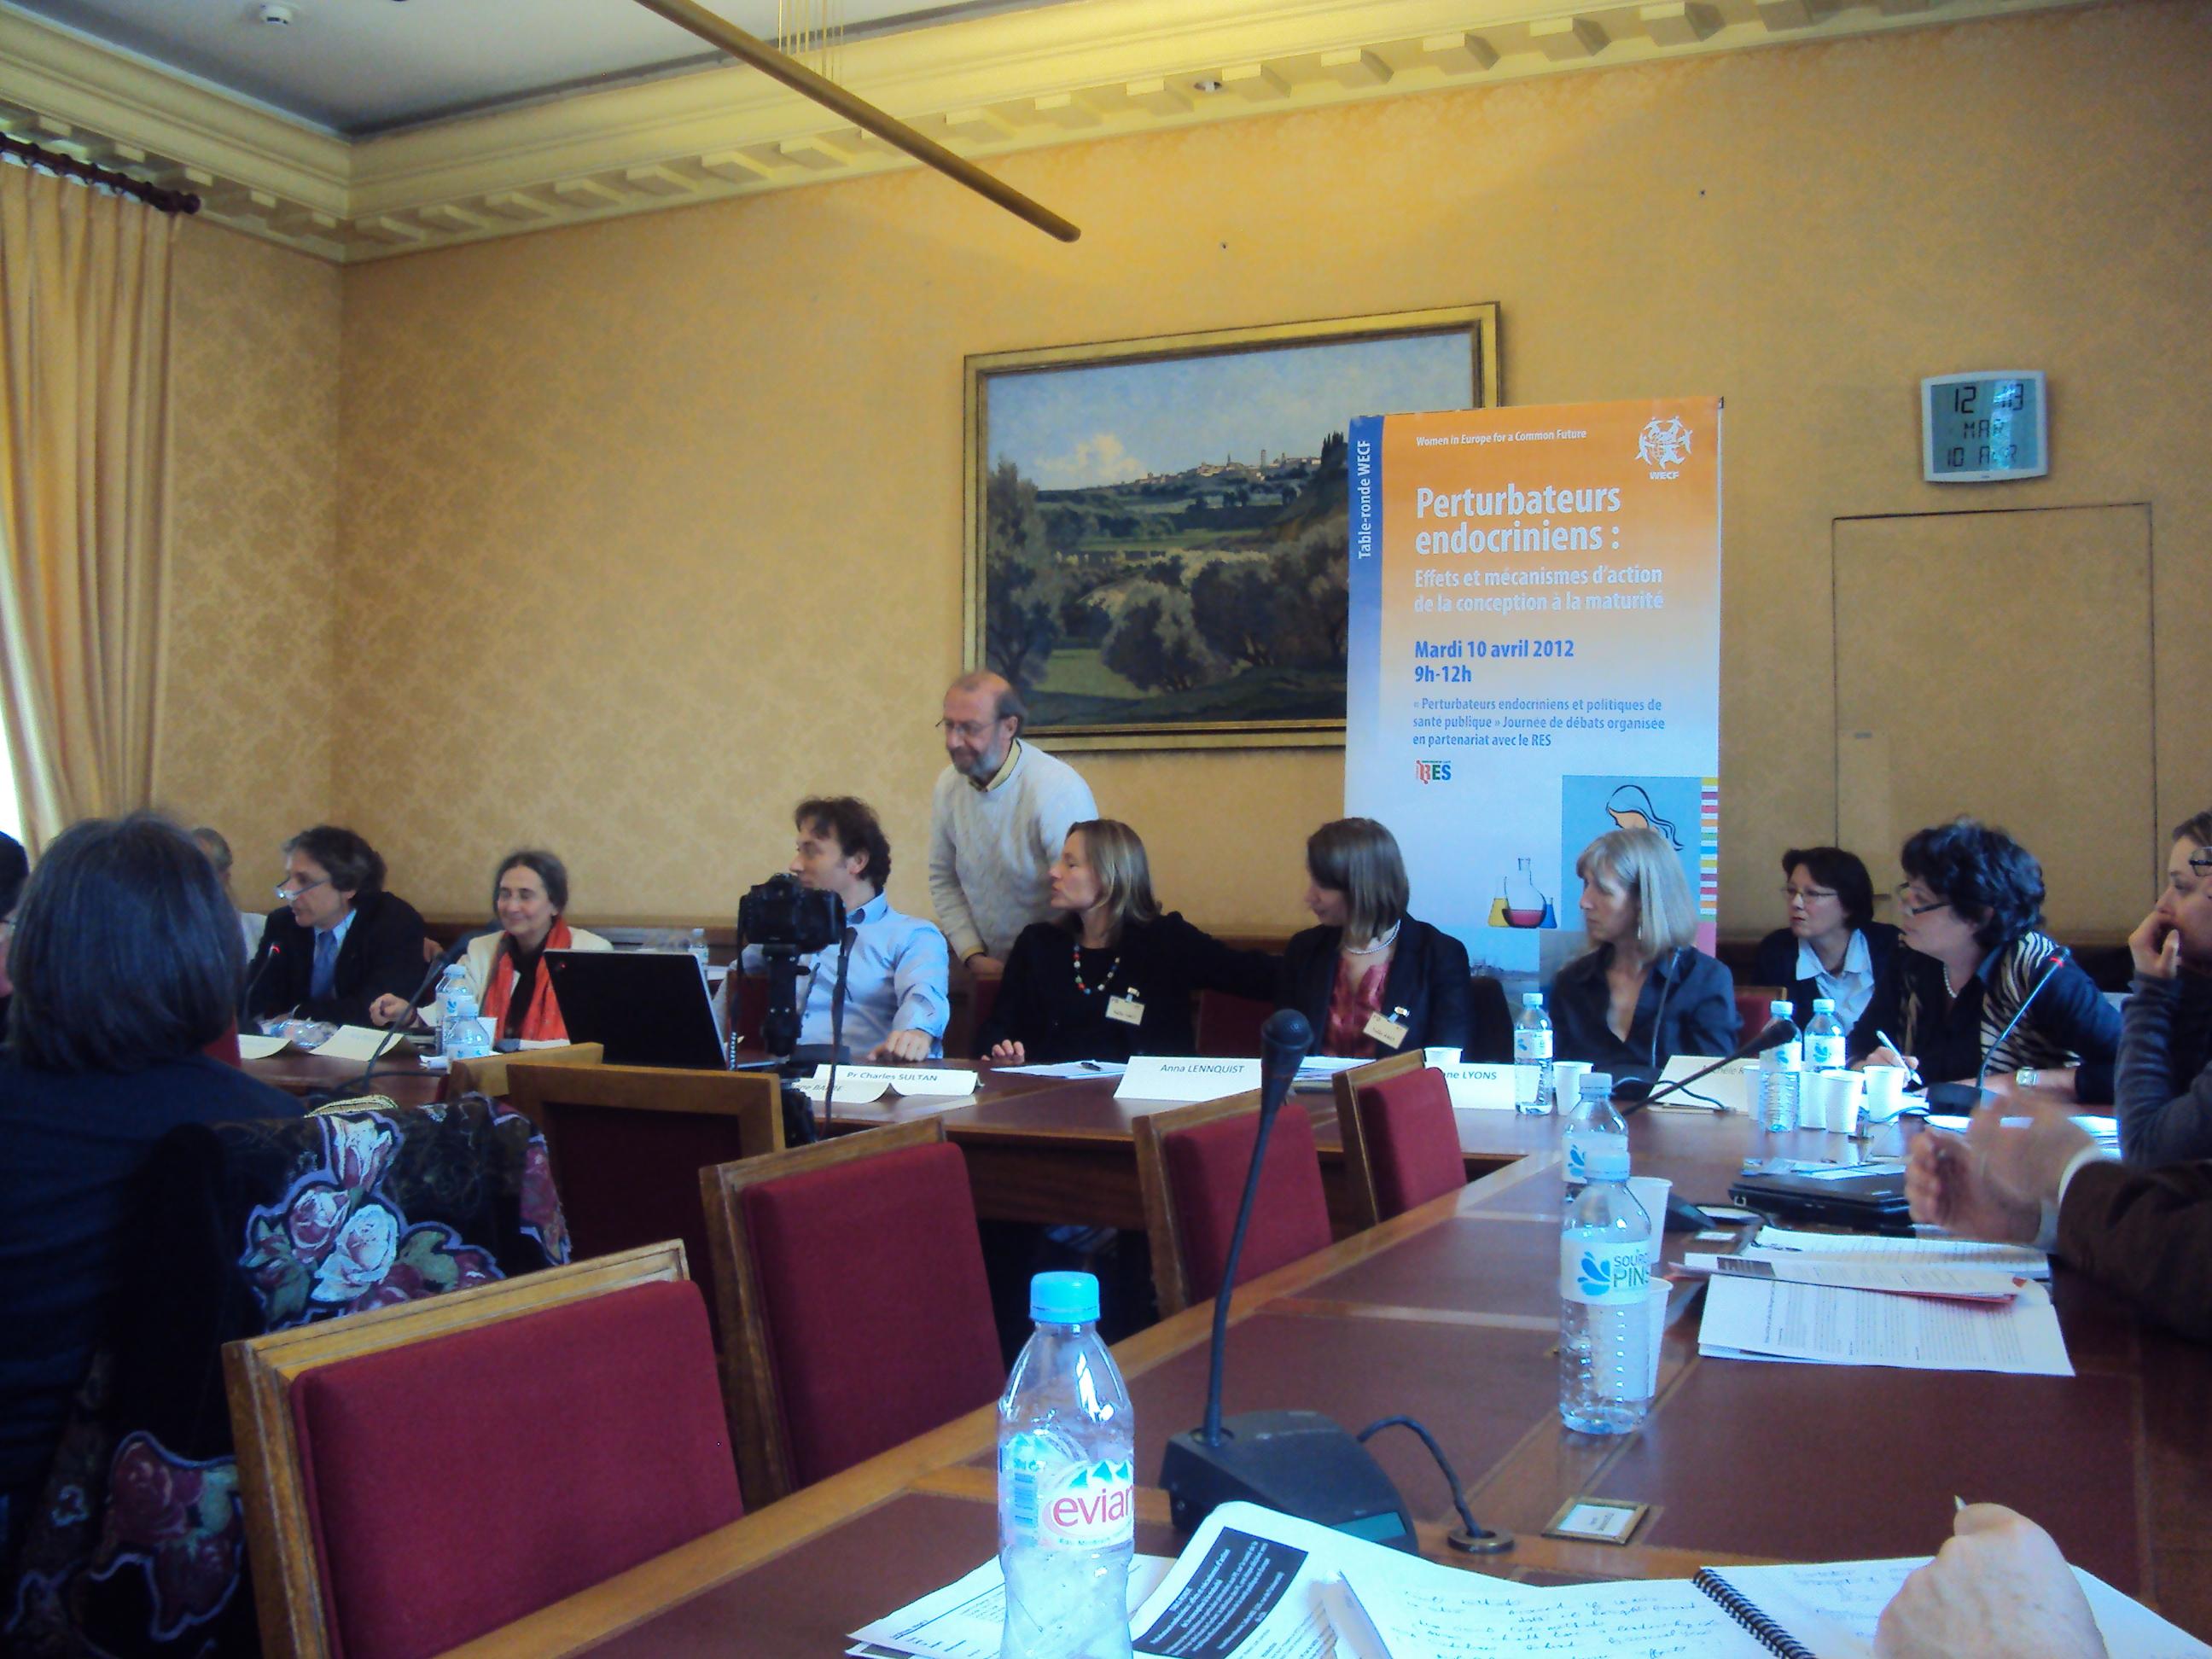 Effets des perturbateurs endocriniens sur la santé : WECF France réunit des experts et scientifiques